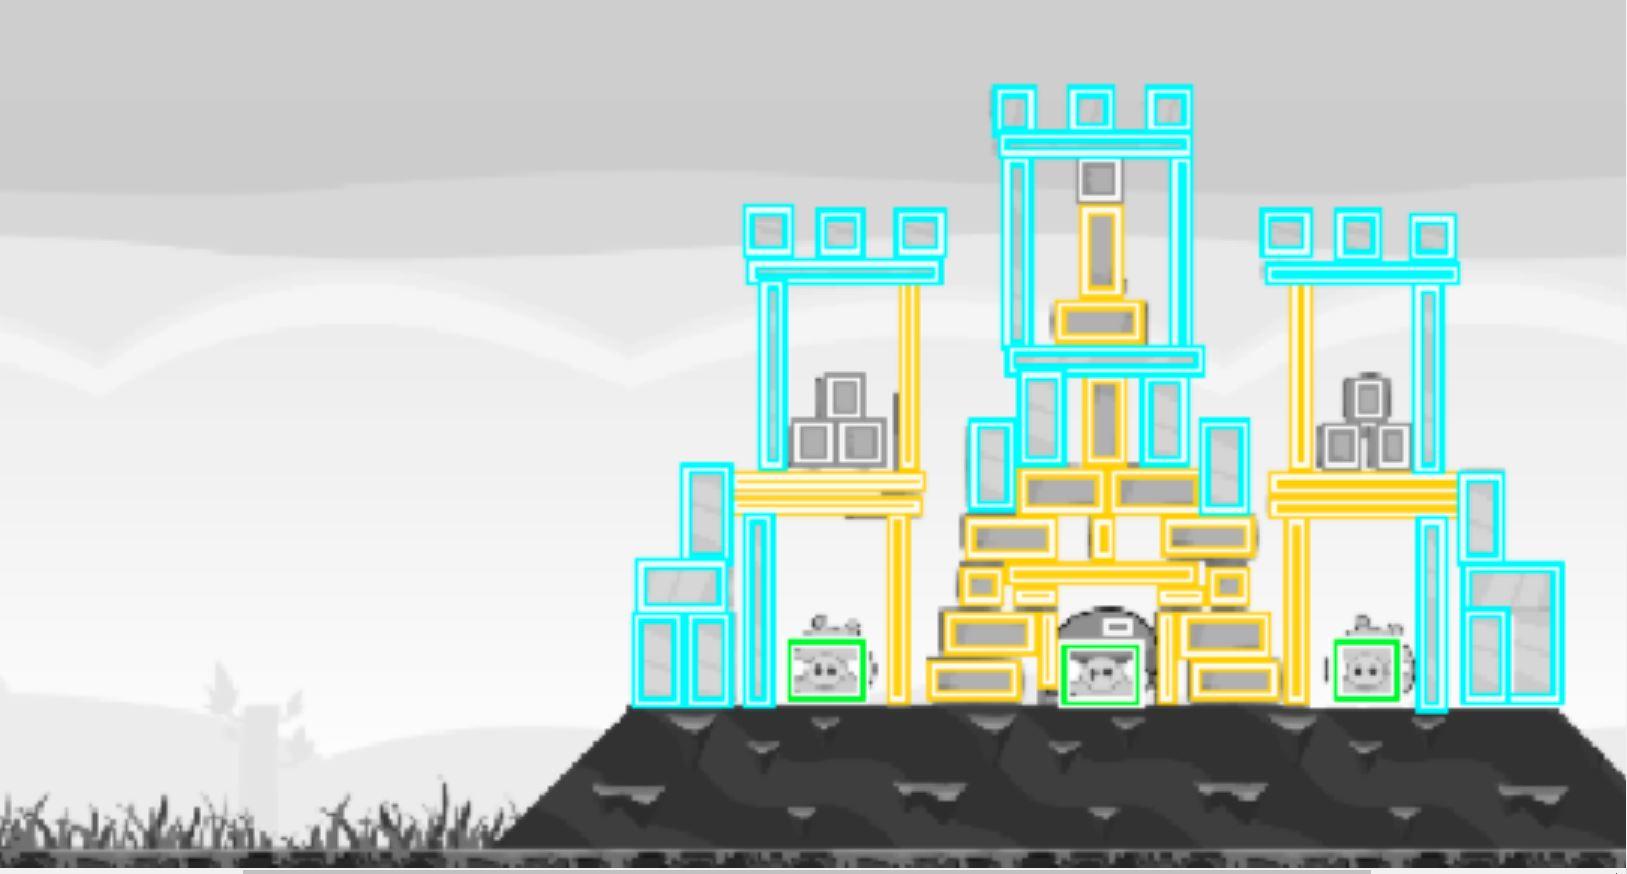 Esiste almeno un gioco in cui continuamo ad essere più bravi delle IA: Angry Birds